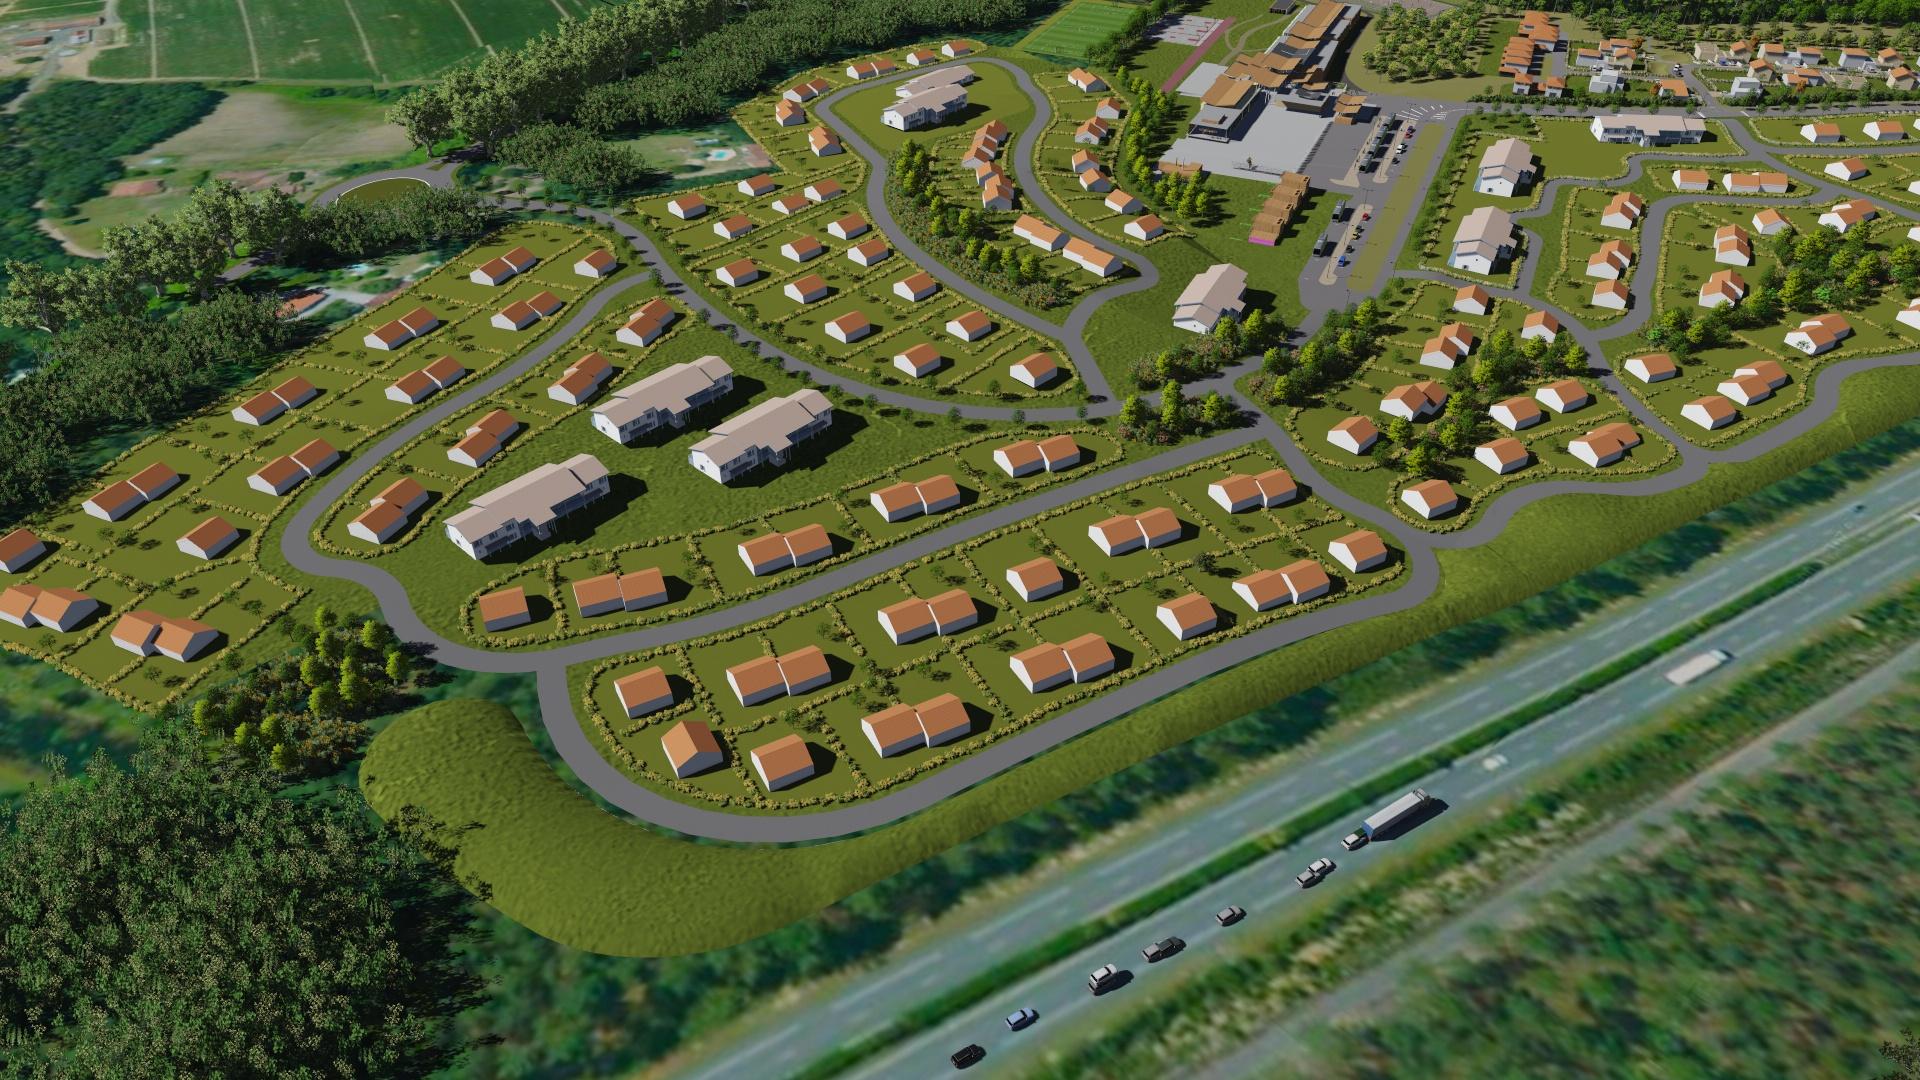 3dfhfr  Modlisation 3D pour la promotion immobilire